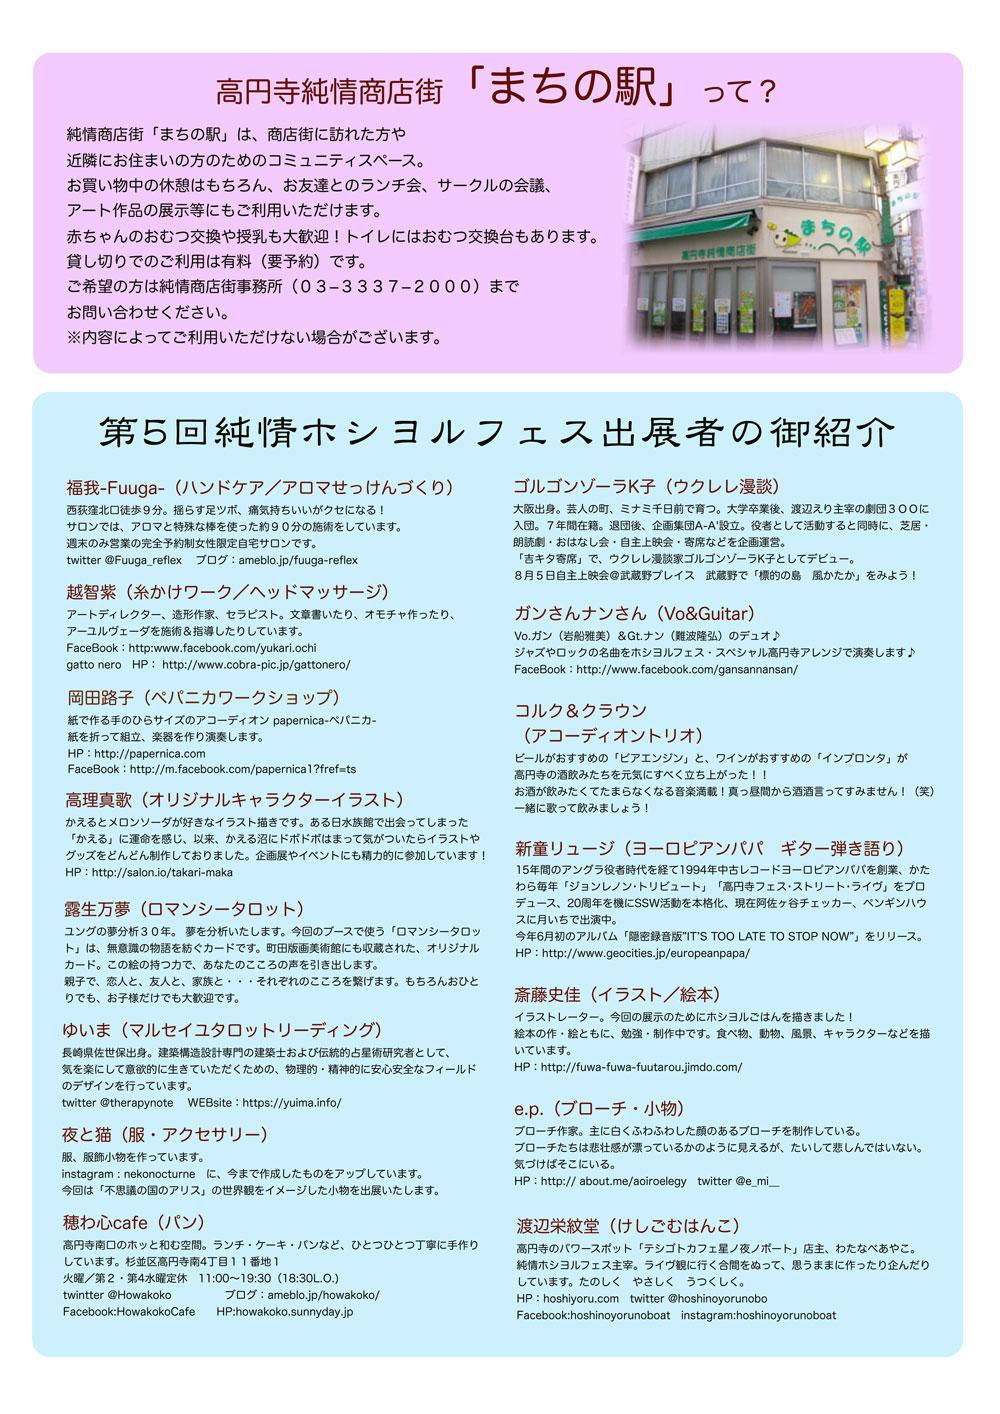 2017年夏、純情ホシヨルフェスが開催♪